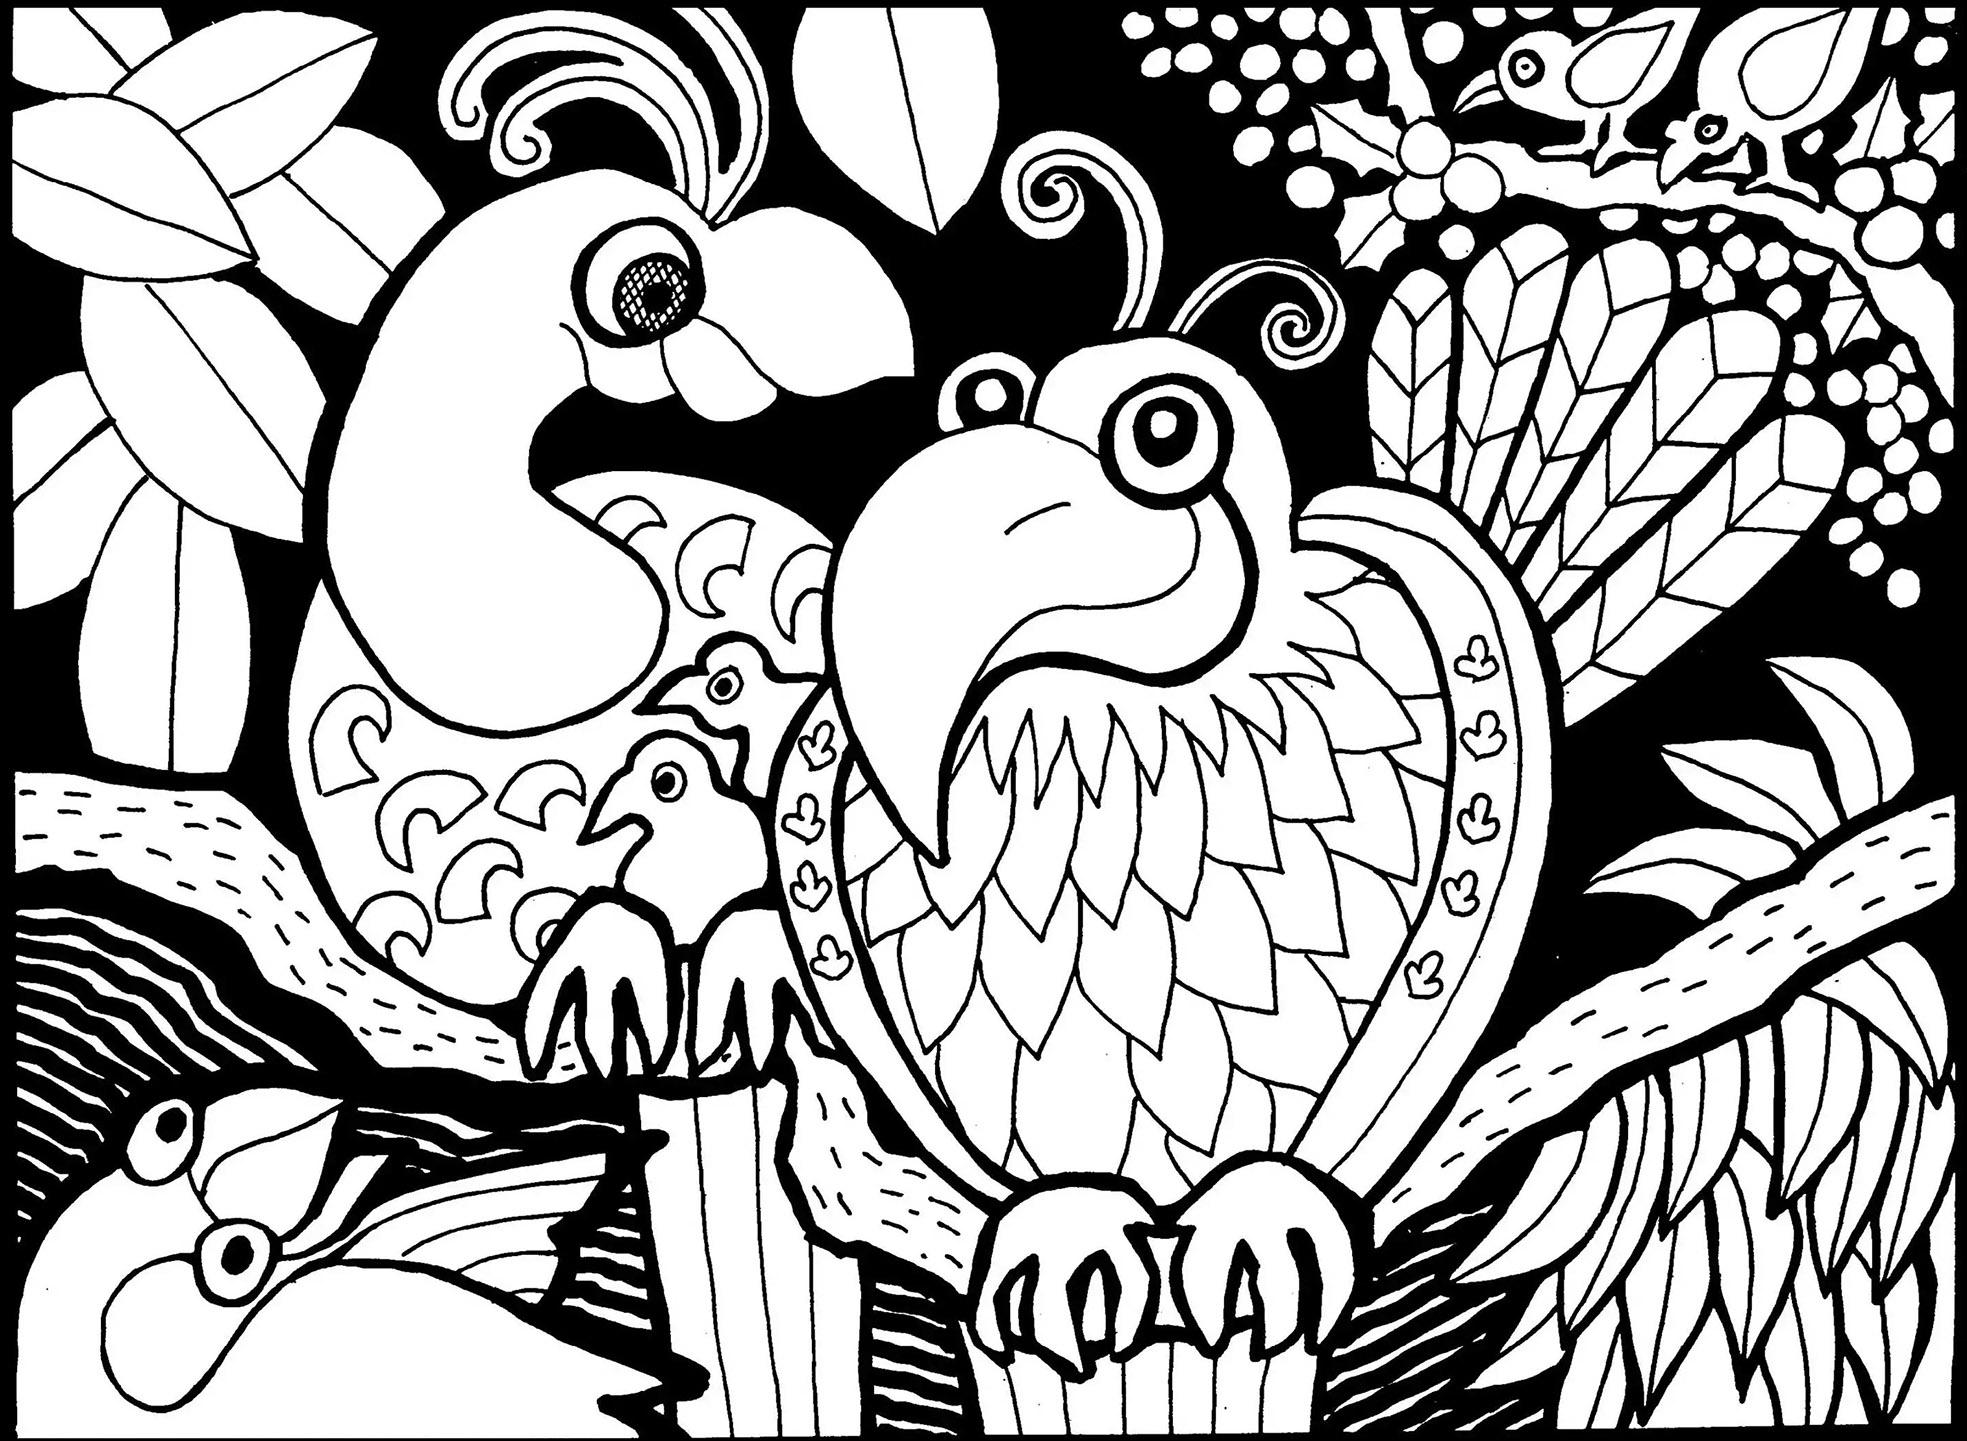 Schön Mosaik Malvorlagen Galerie - Malvorlagen Von Tieren - ngadi.info